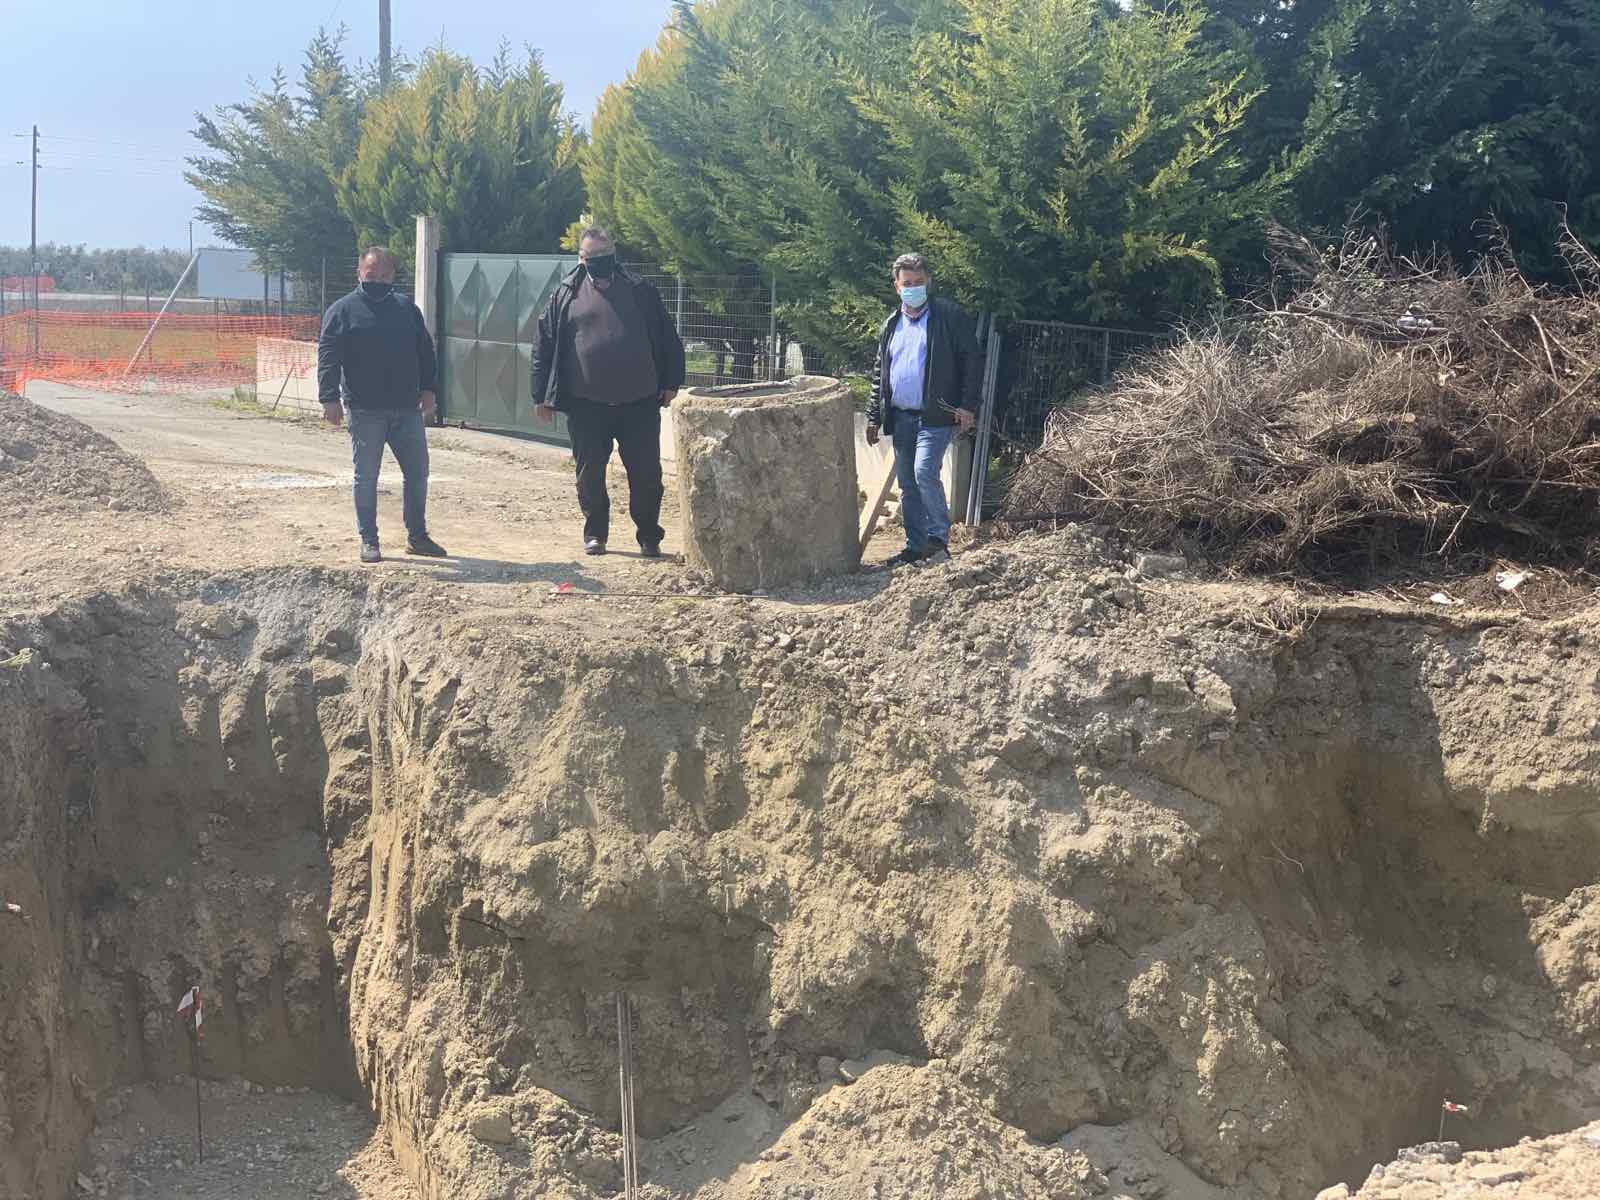 Έργα Αποκατάστασης Ζημιών  Από Πλημμυρικά Φαινόμενα